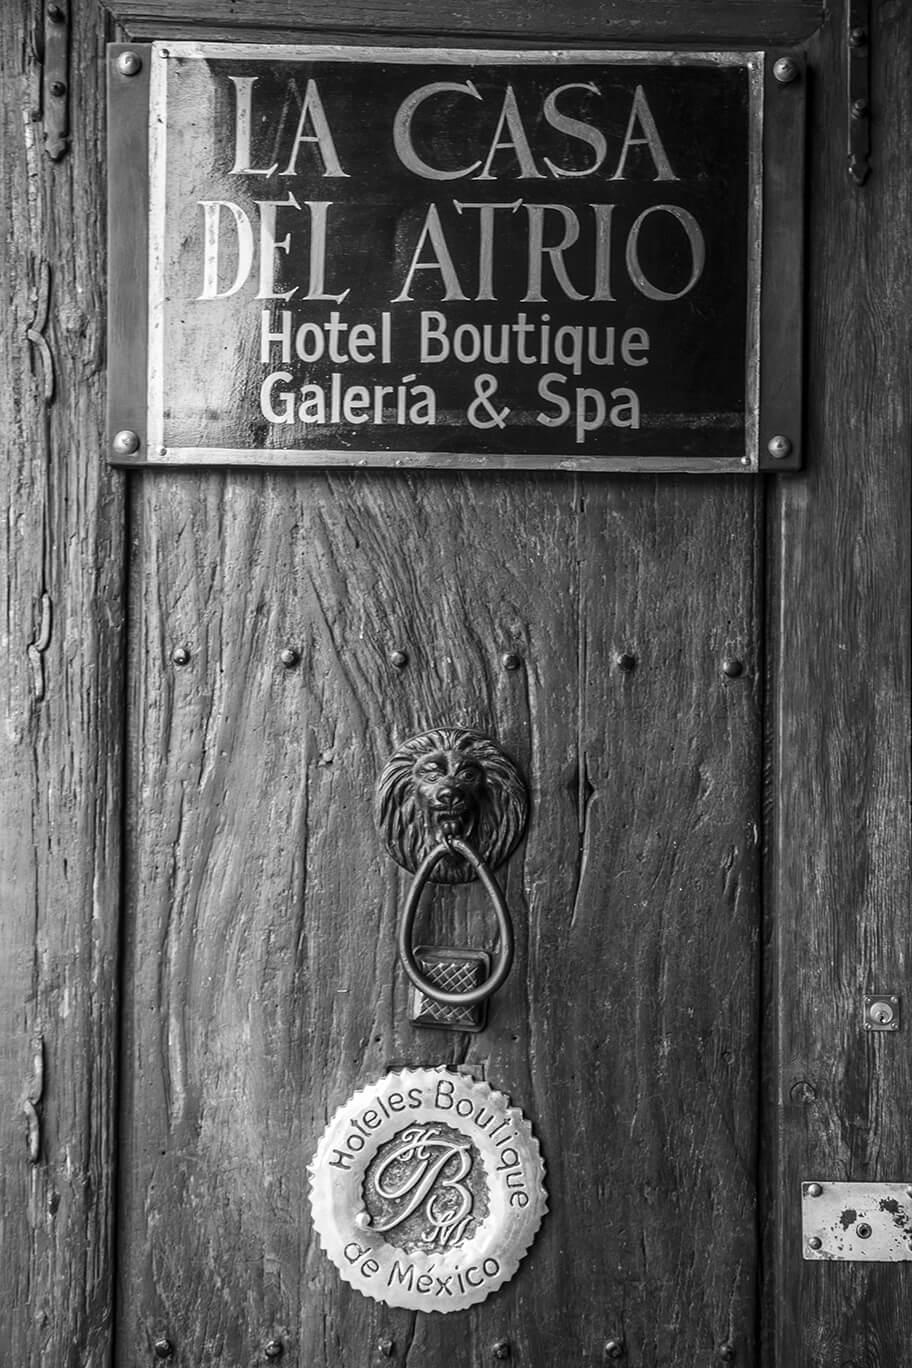 hoteles-boutique-de-mexici-hotel-la-casa-del-atrio-1